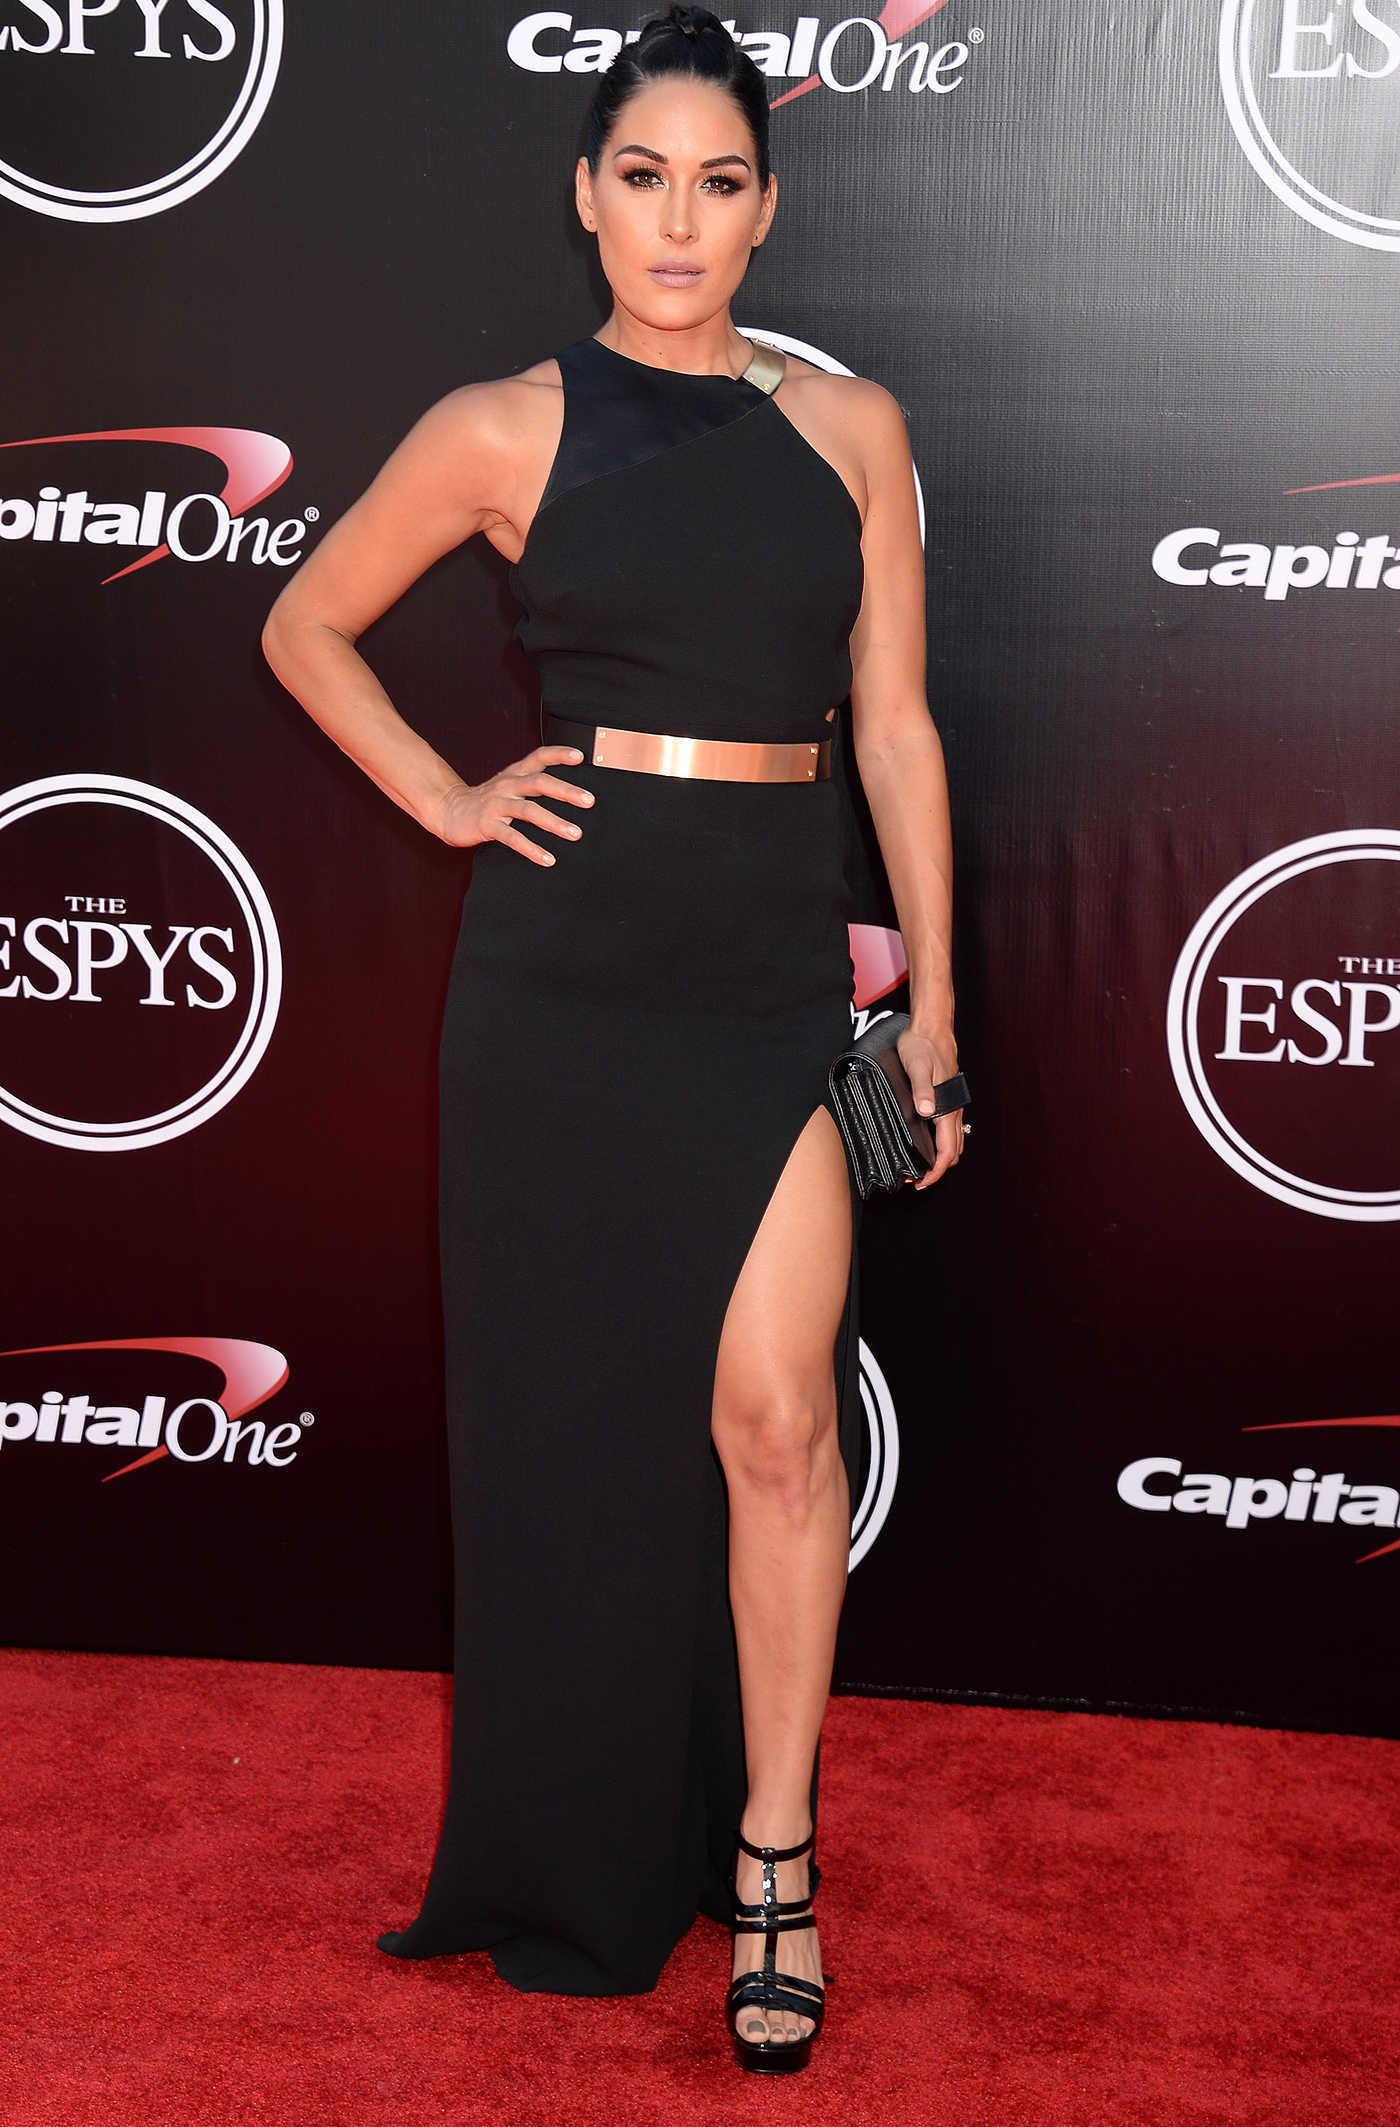 Brie Bella at ESPY Awards in Los Angeles 07/13/2016